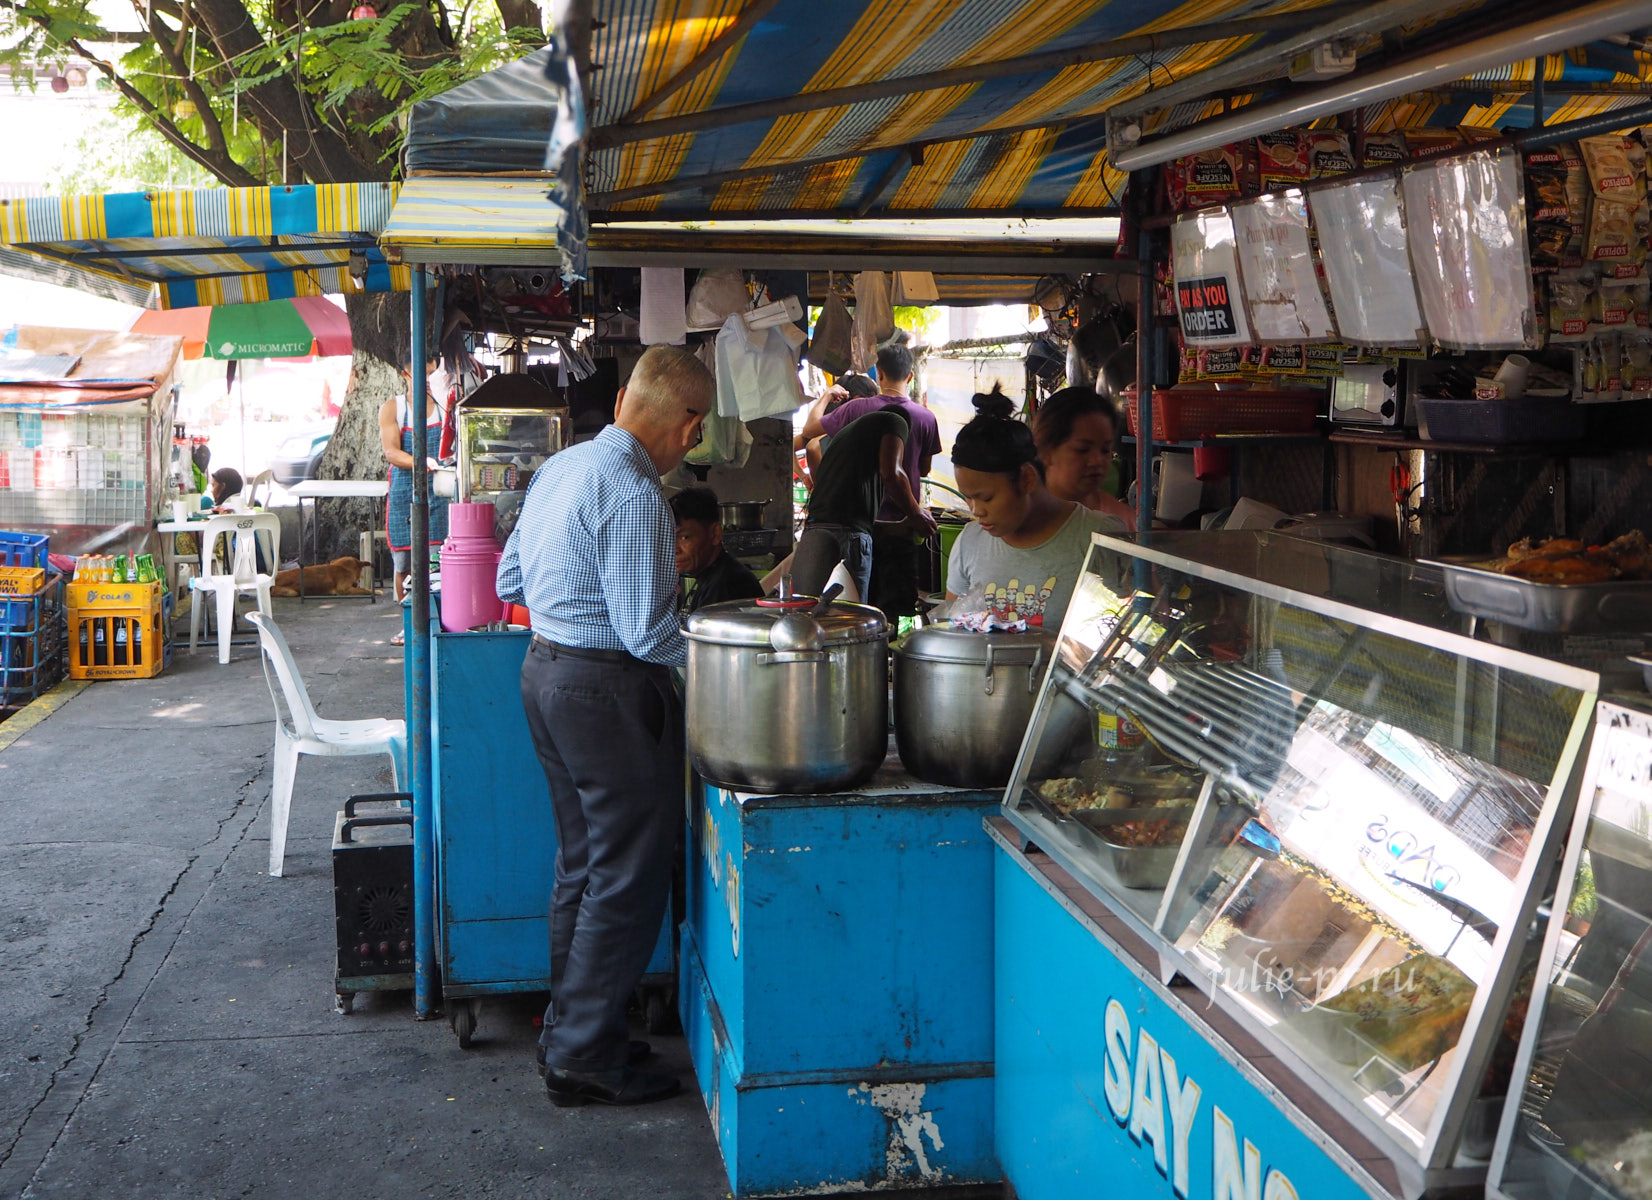 Филиппины, Манила, уличная еда